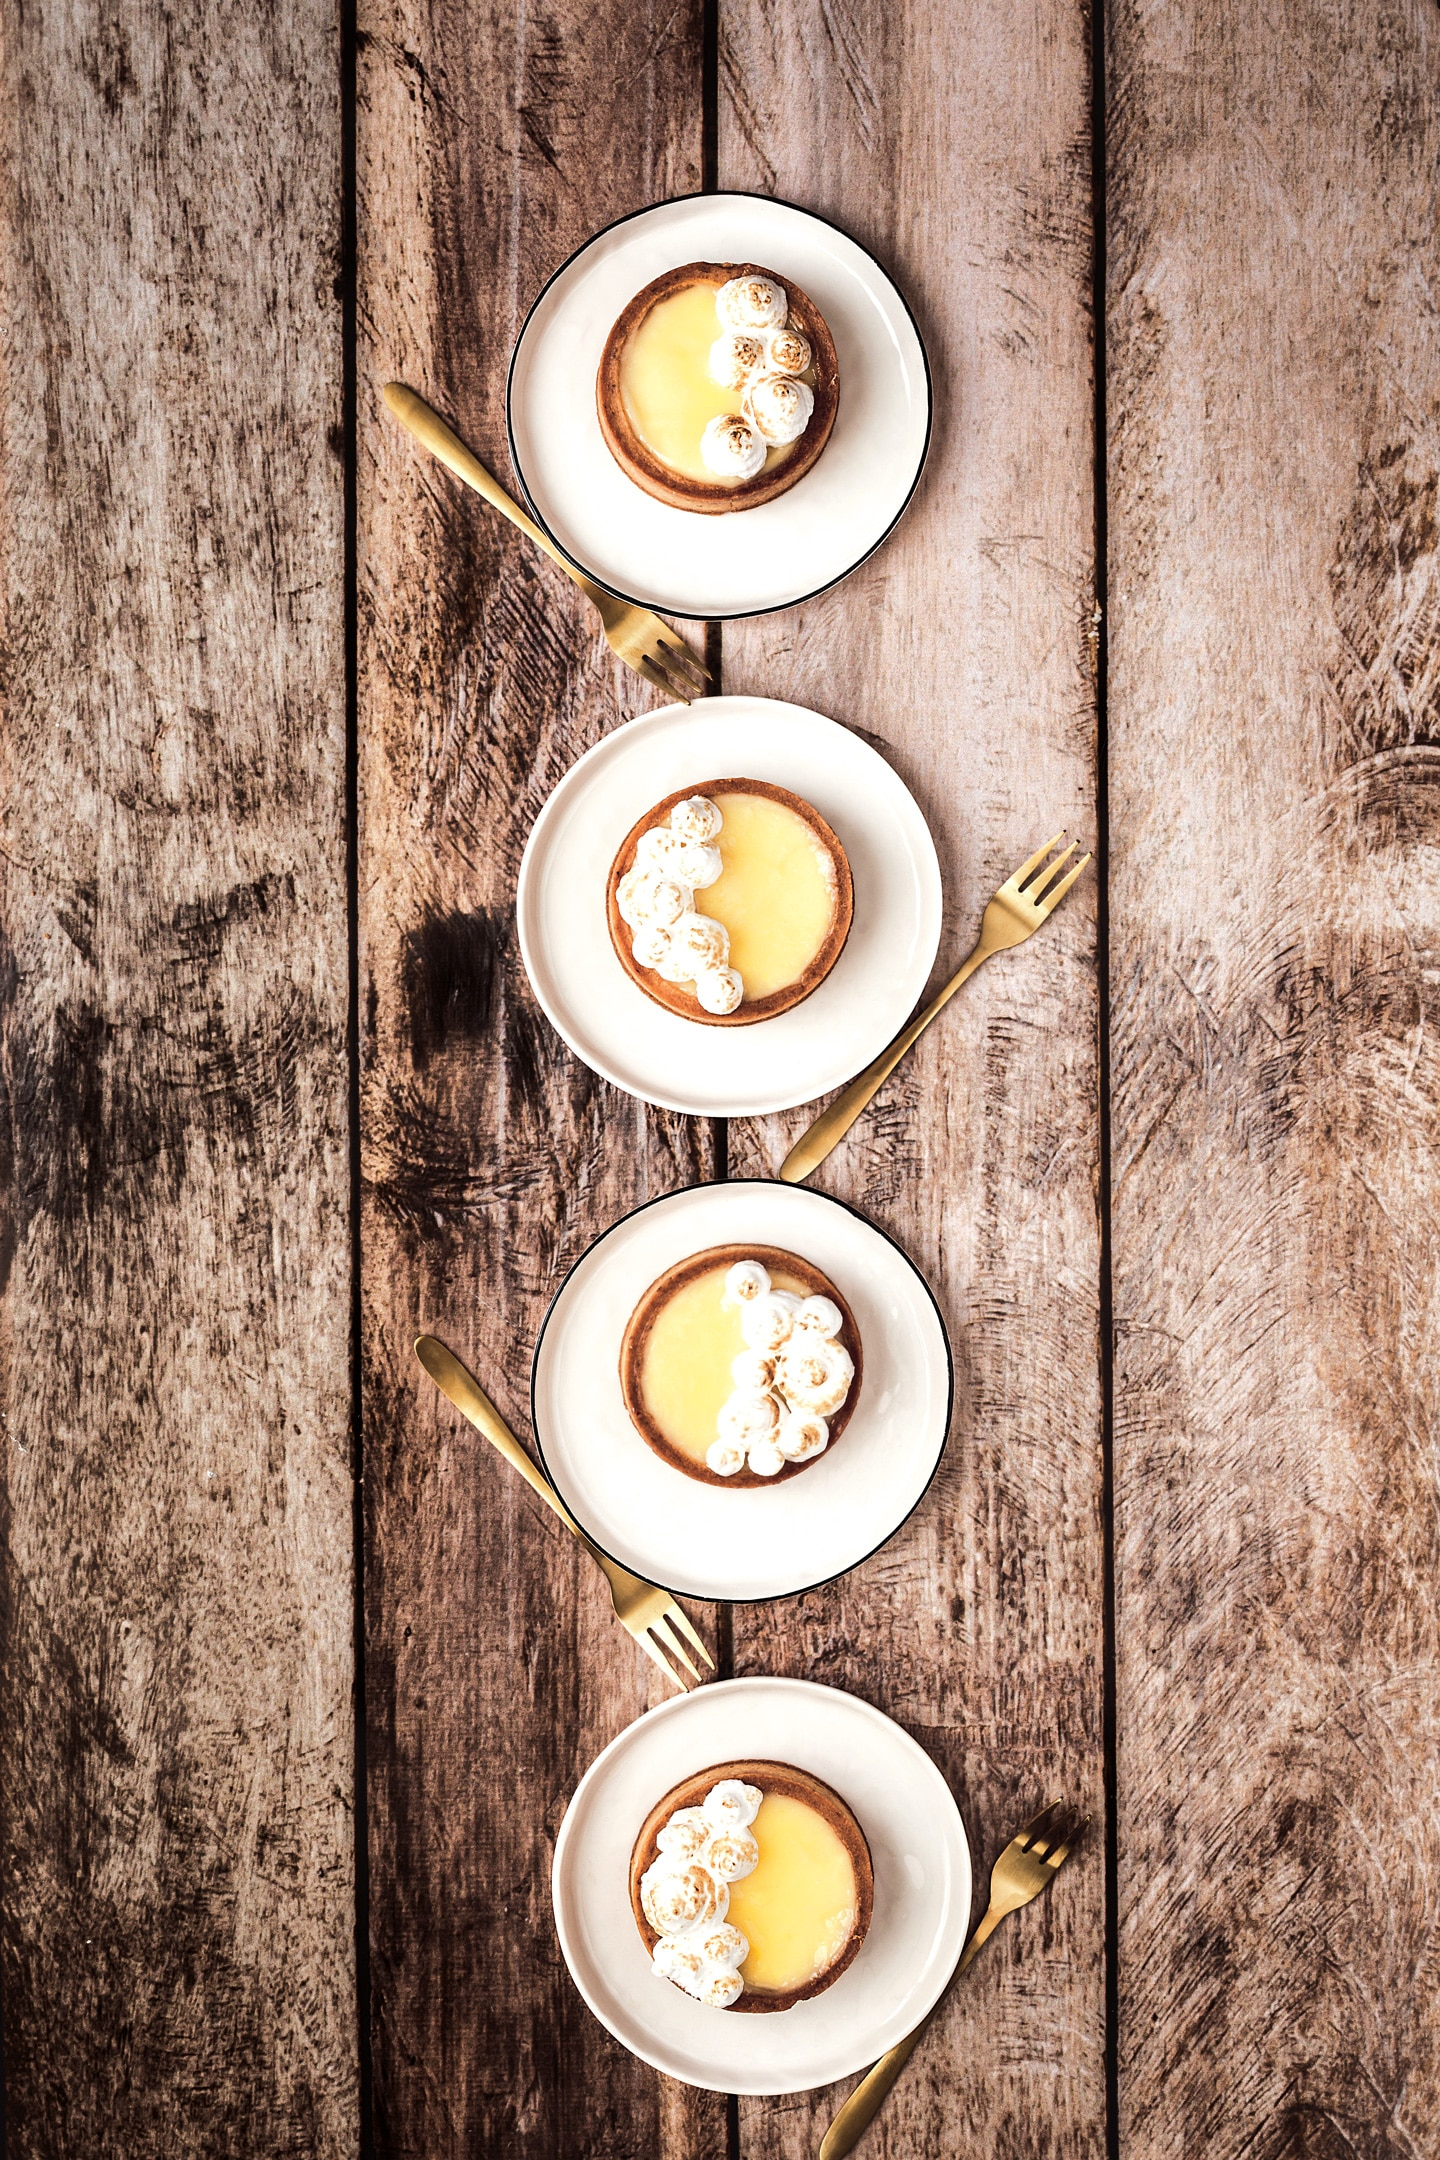 Recette des tartelettes citron meringuées